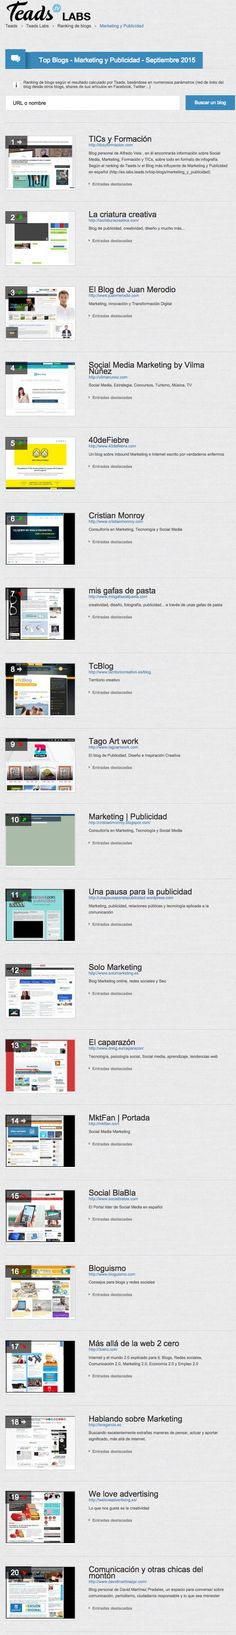 Top 20 blogs sobre marketing y publicidad más influyentes (09/2015) #infografia